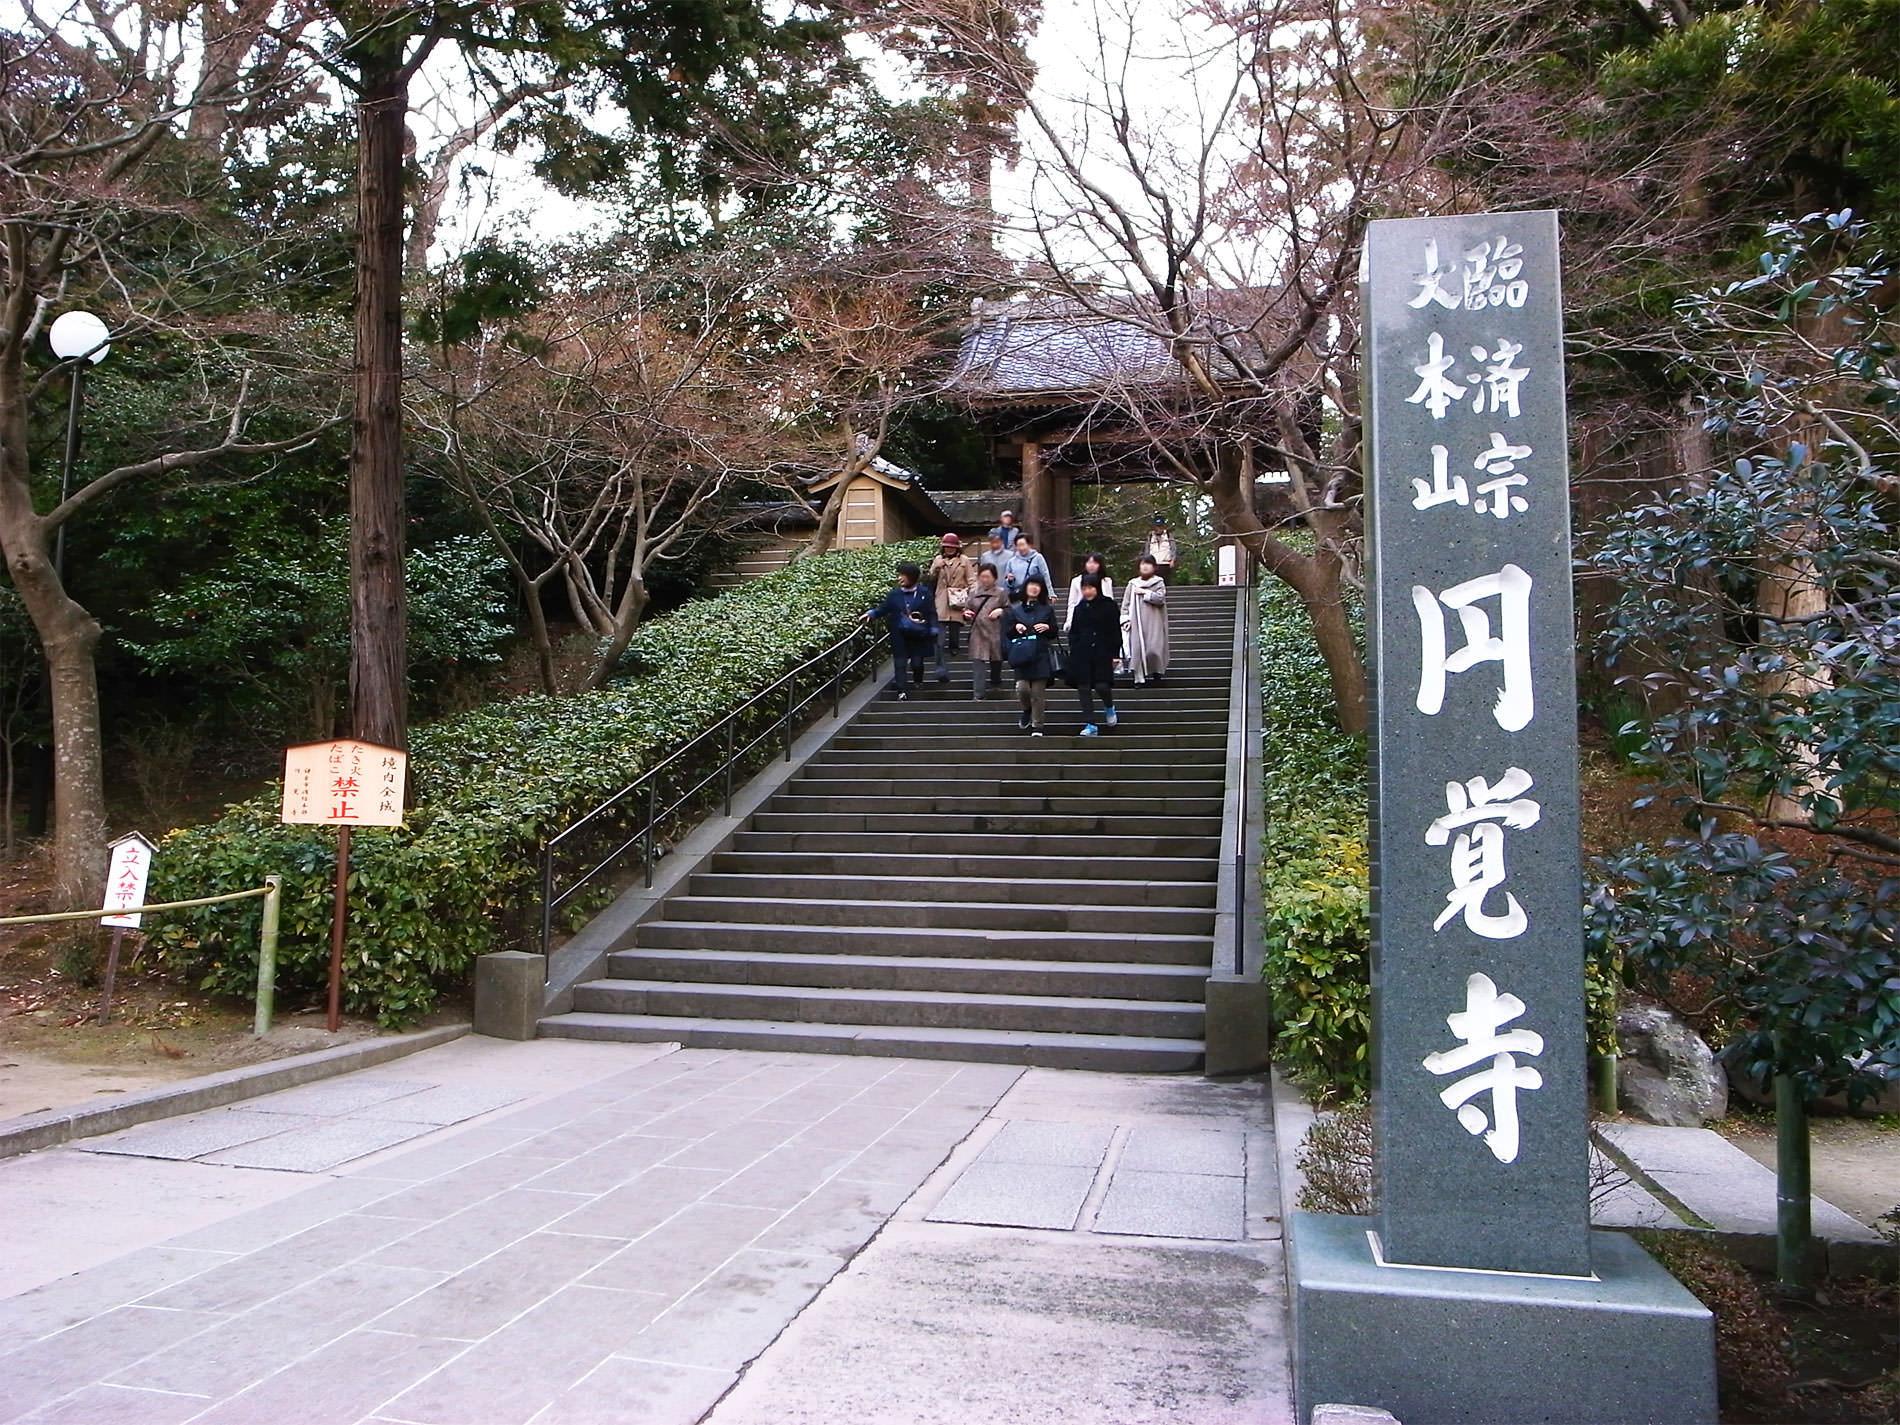 鎌倉散策と梅の花と